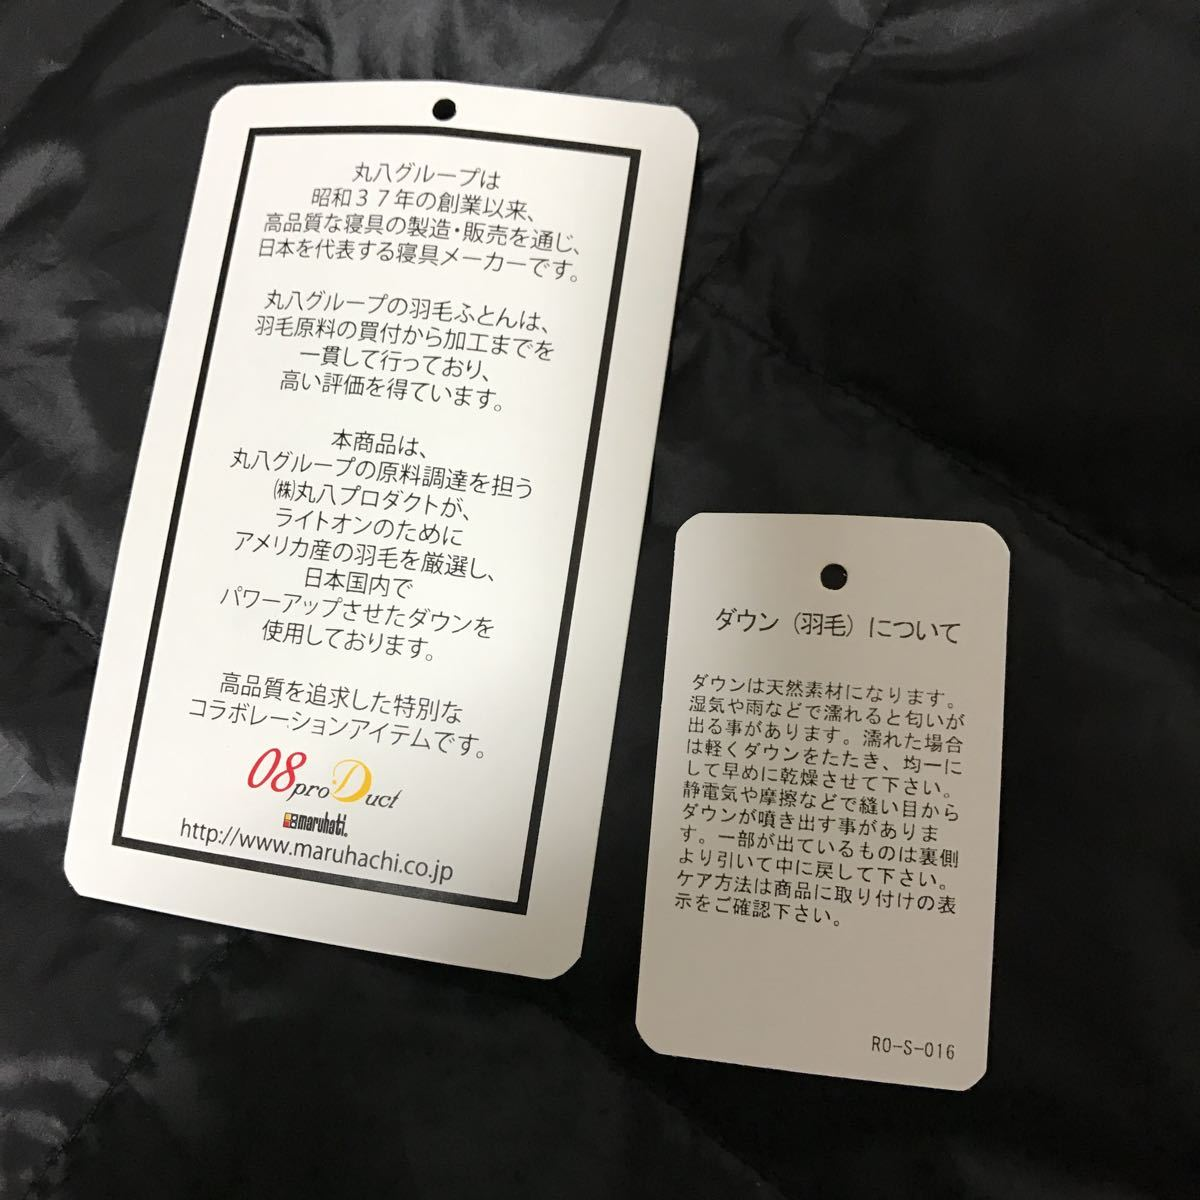 右上角的Maruhachi迷彩可逆內部清潔 編號:m293026171